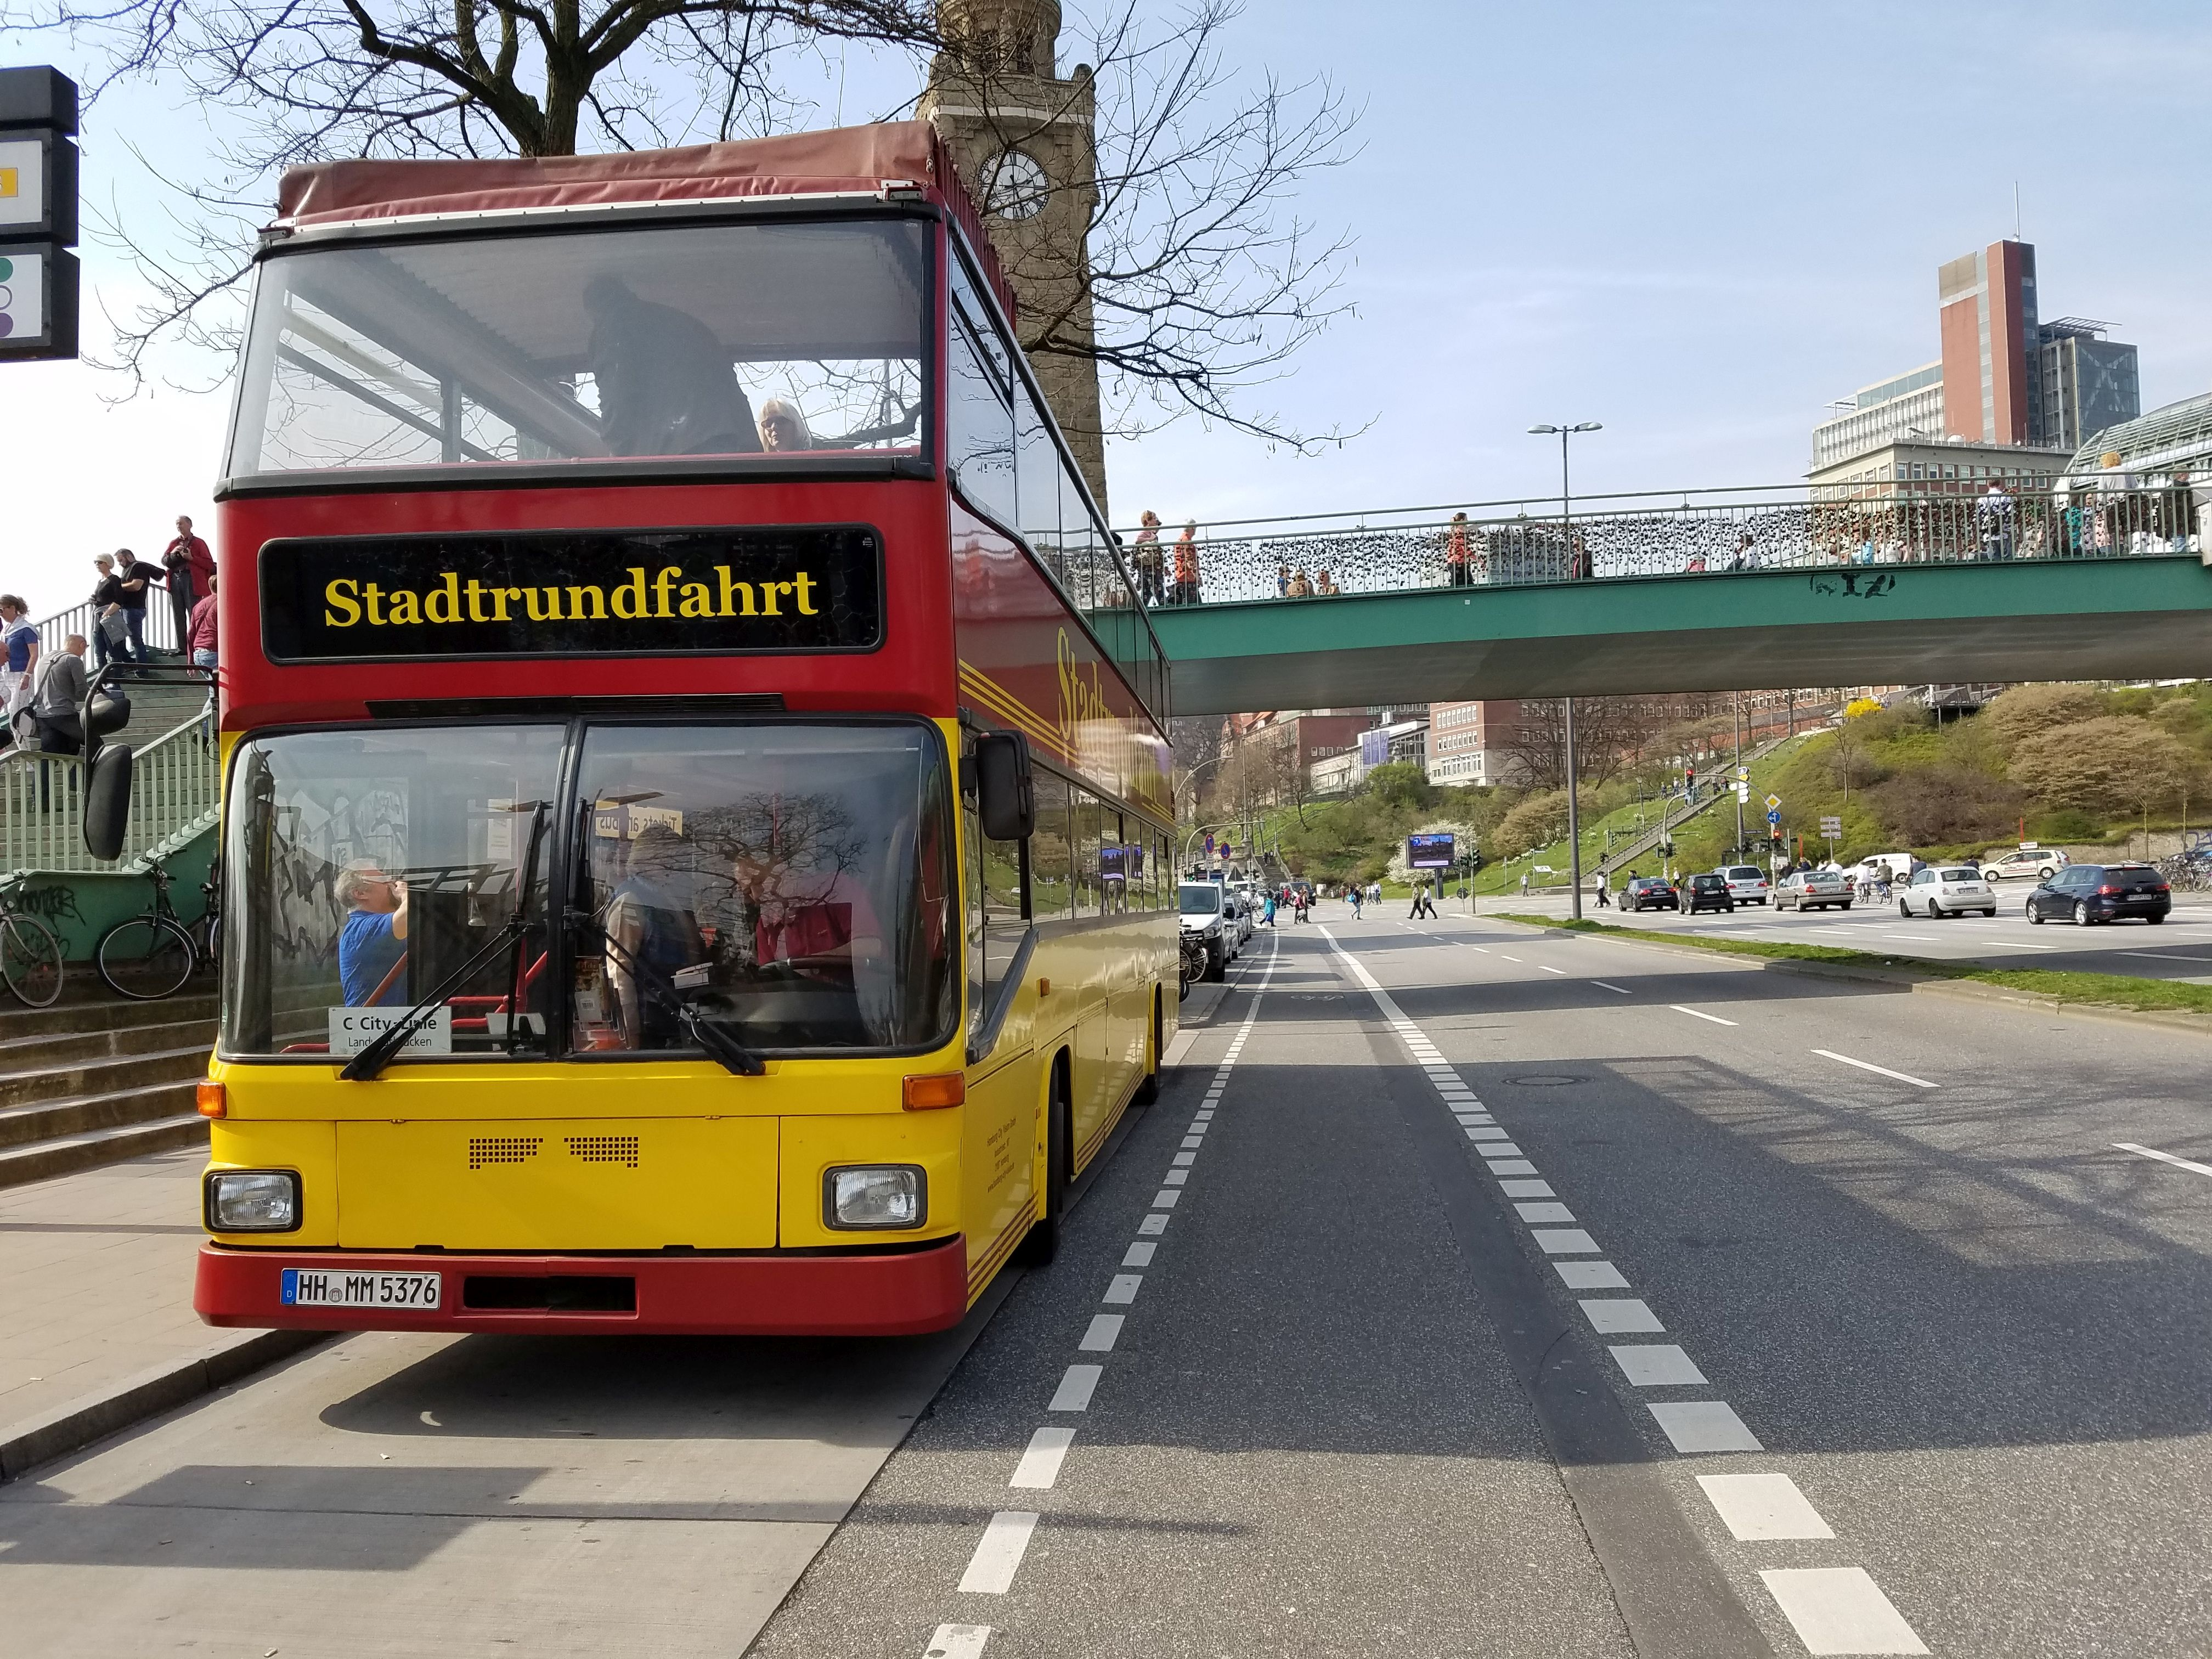 Foto: Bus 3960, Typ D92, Stadtrundfahrtbus HH MM 5376, Hamburg, März 2017